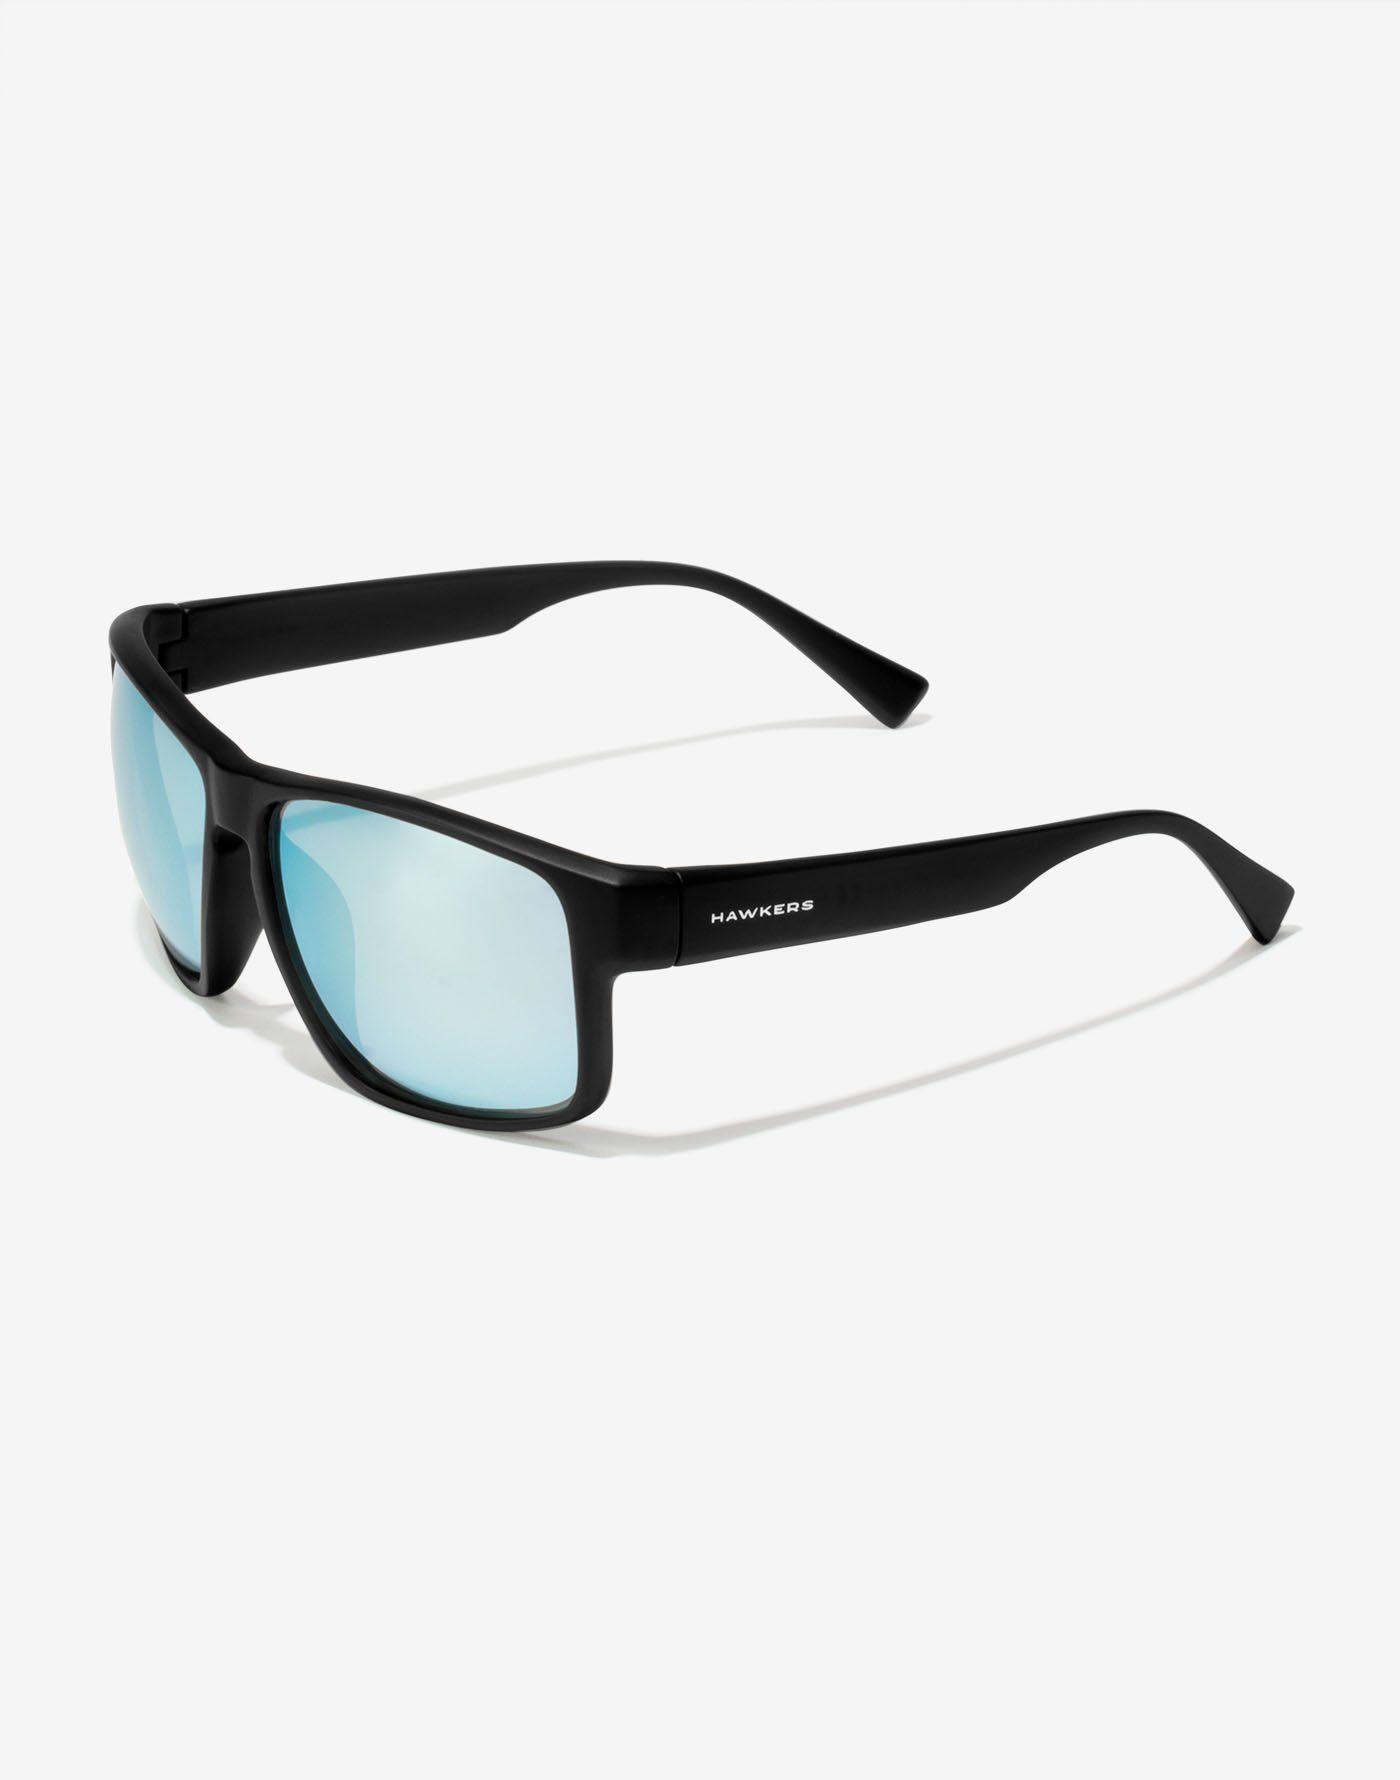 32b1e271c4 BLACK BLUE CHROME FASTER Gafas de sol Hawkers para hombre y mujer  resistentes y flexibles.